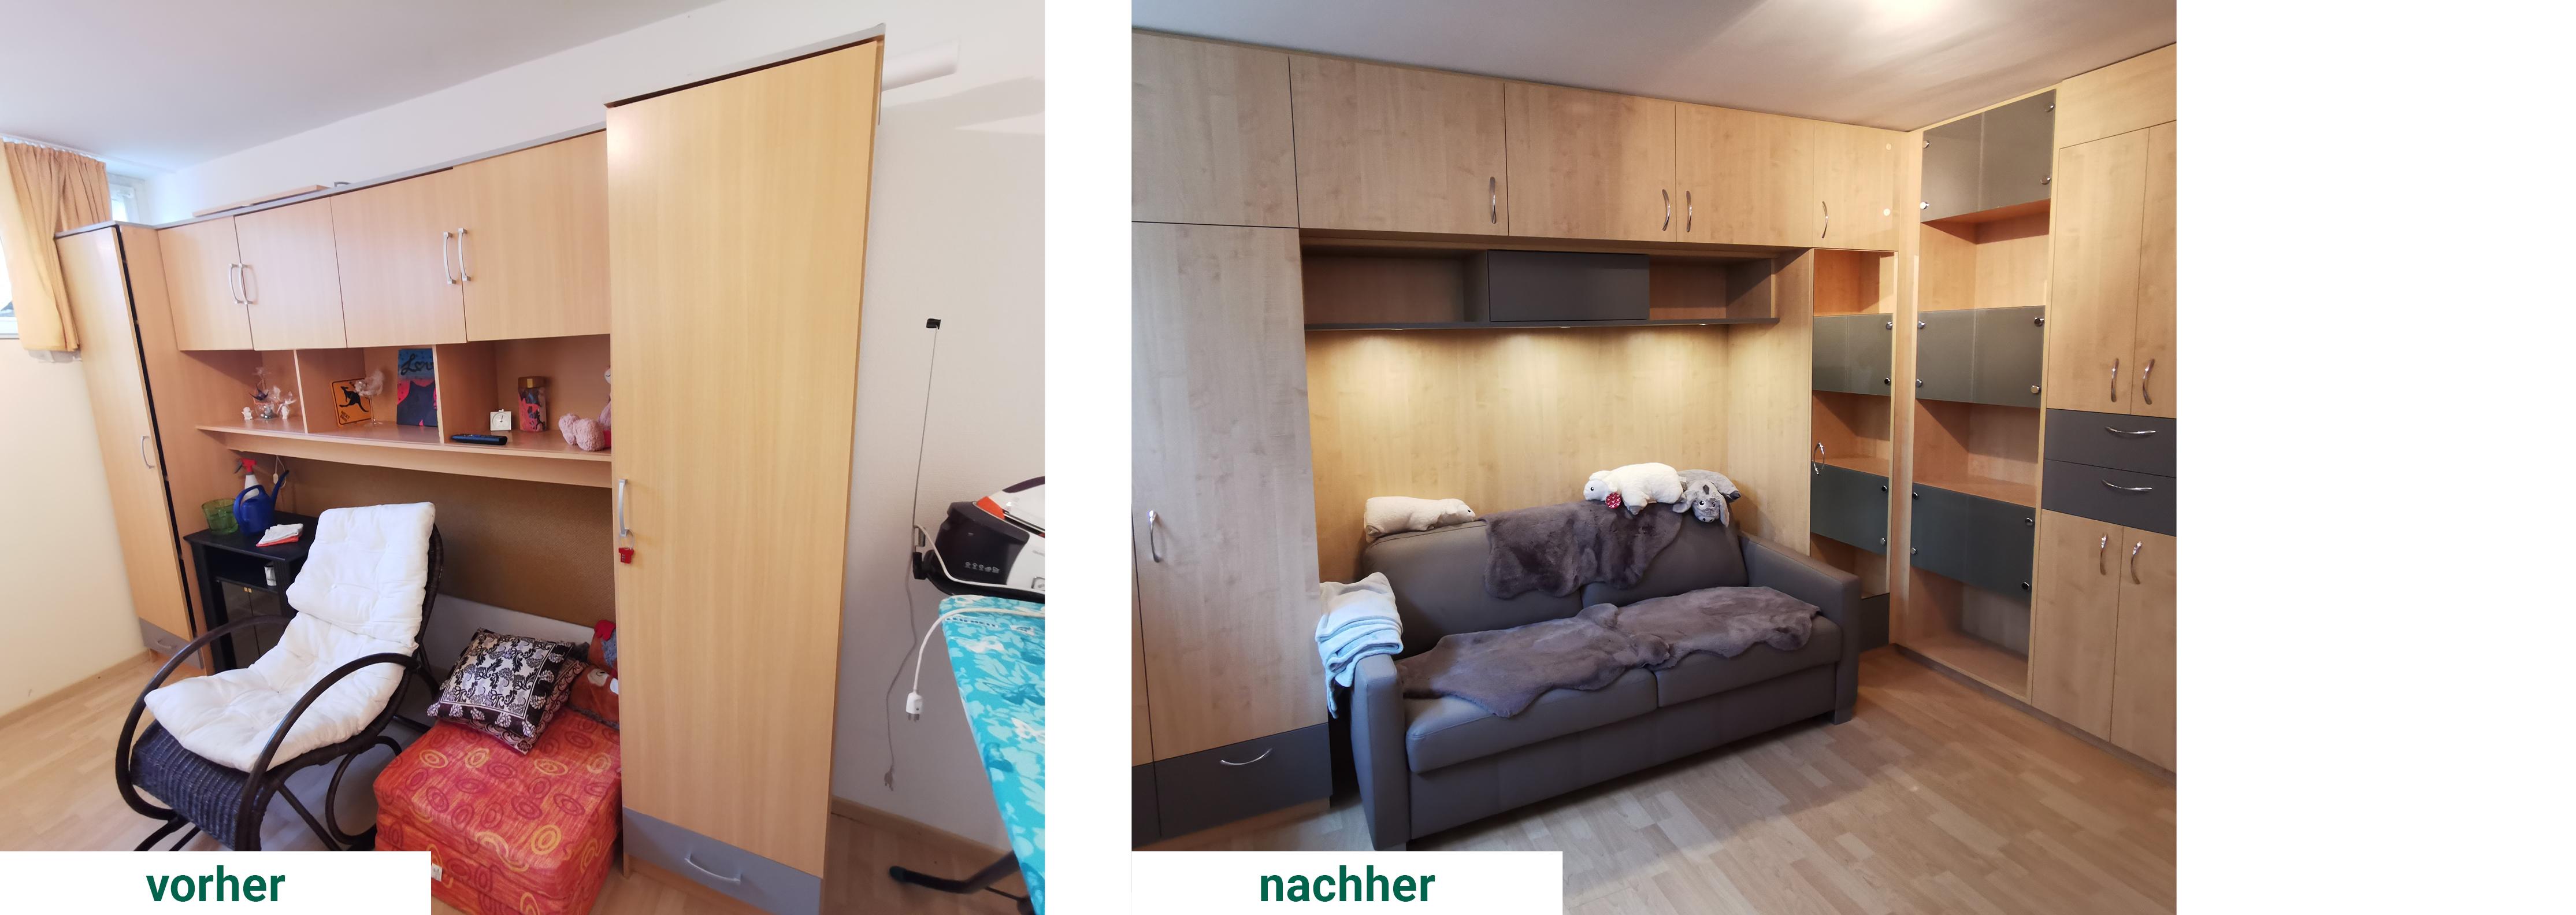 Wohnzimmer_vorher_nachher1-1